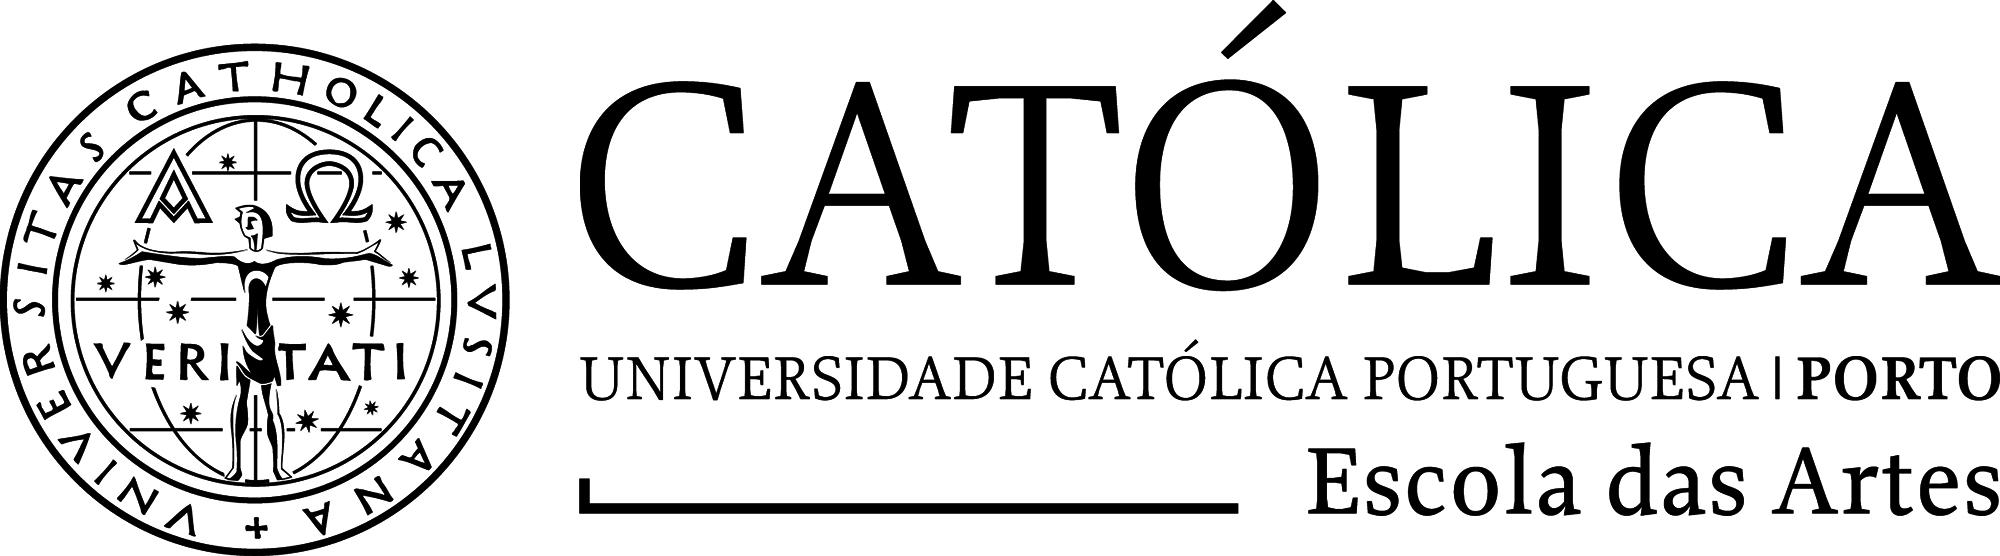 Escola das Artes - Universidade Católica